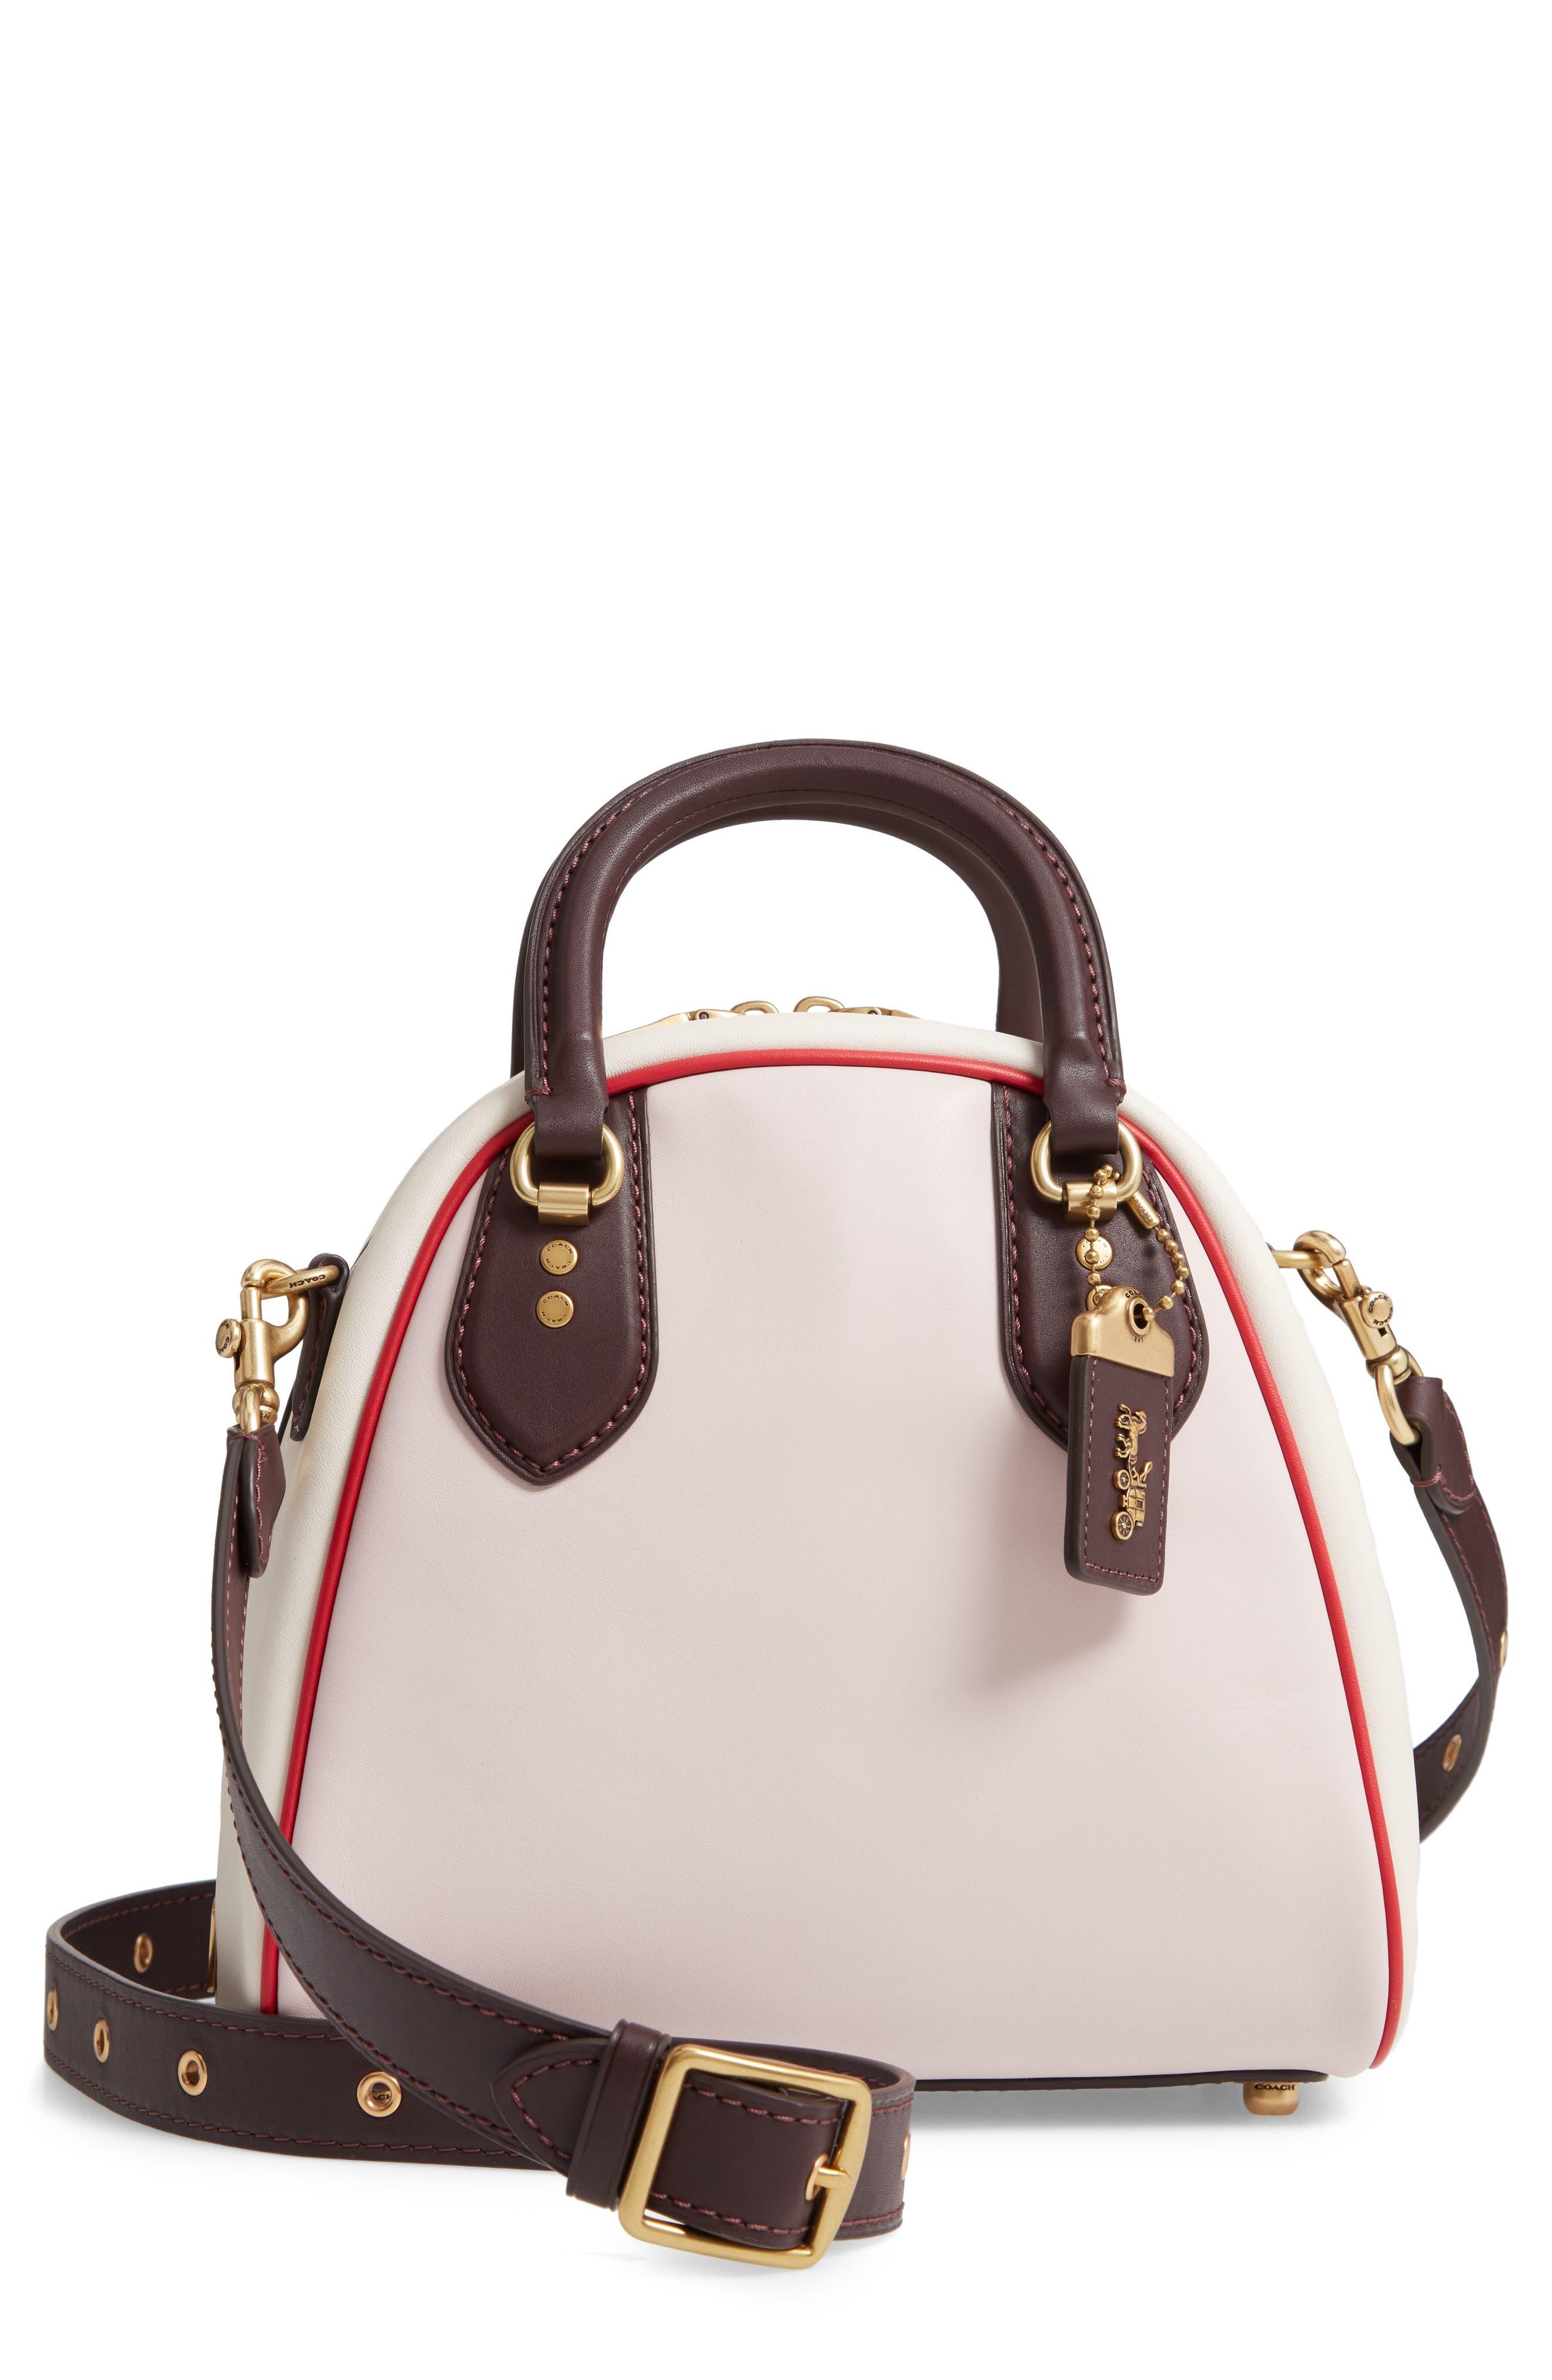 shoulder bags nordstrom rh shop nordstrom com